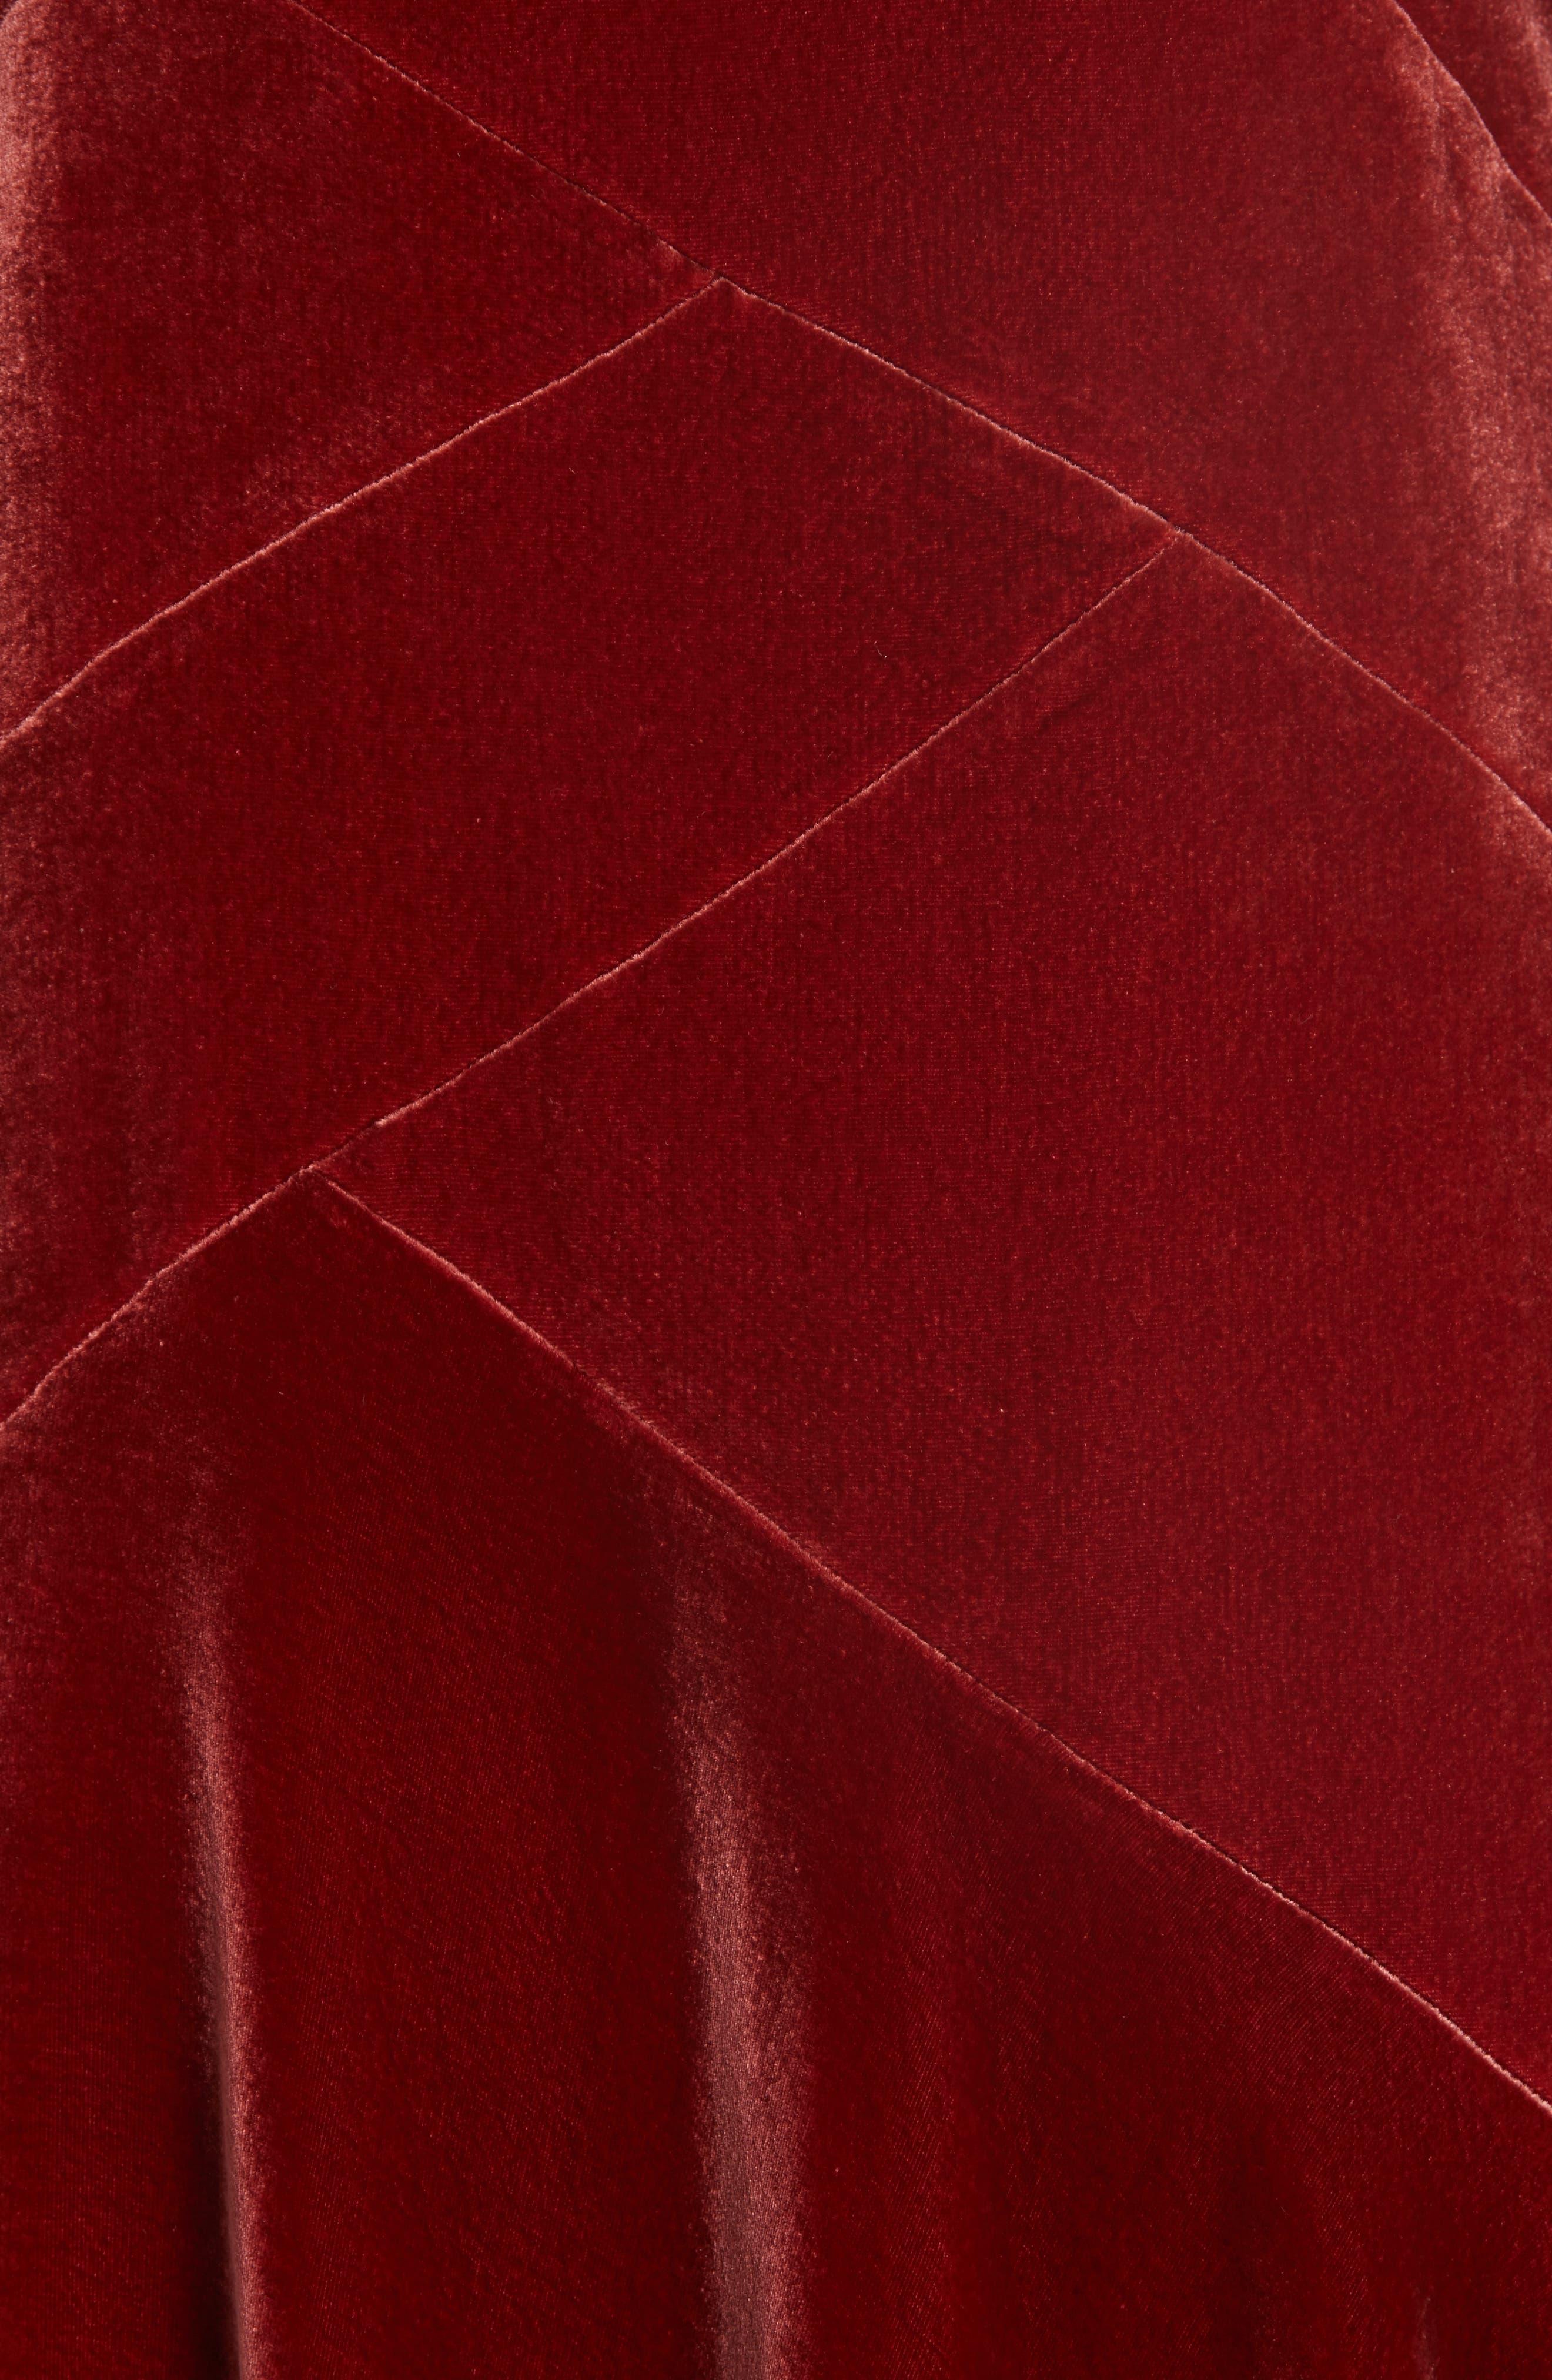 Ashlena Asymmetrical Velvet Dress,                             Alternate thumbnail 6, color,                             SAFFRON